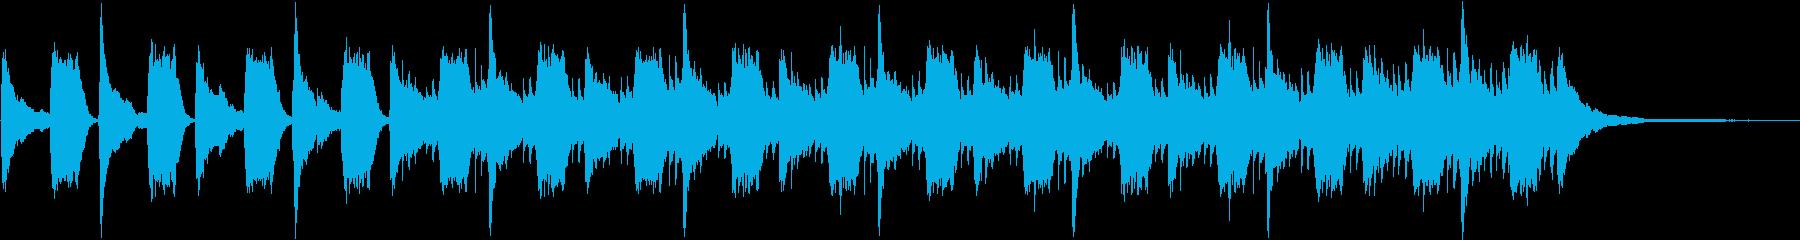 忍び込むシーン/ホラー寄りの再生済みの波形